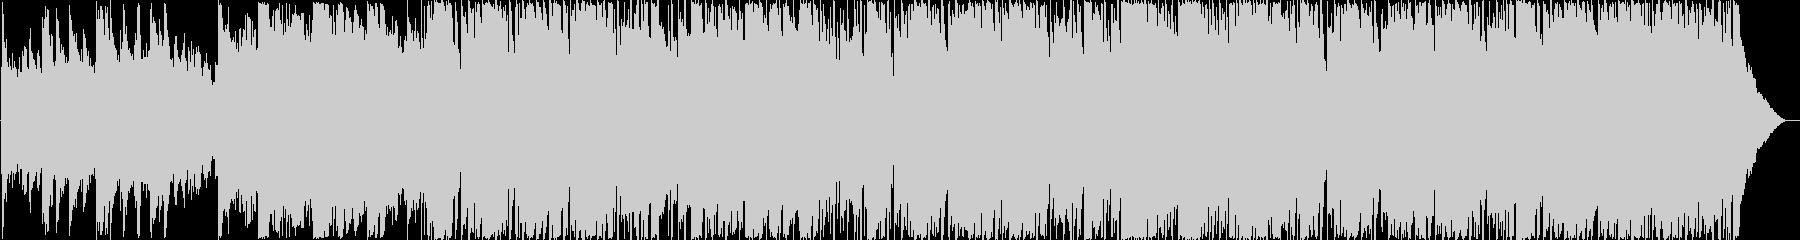 ポップバラードの未再生の波形